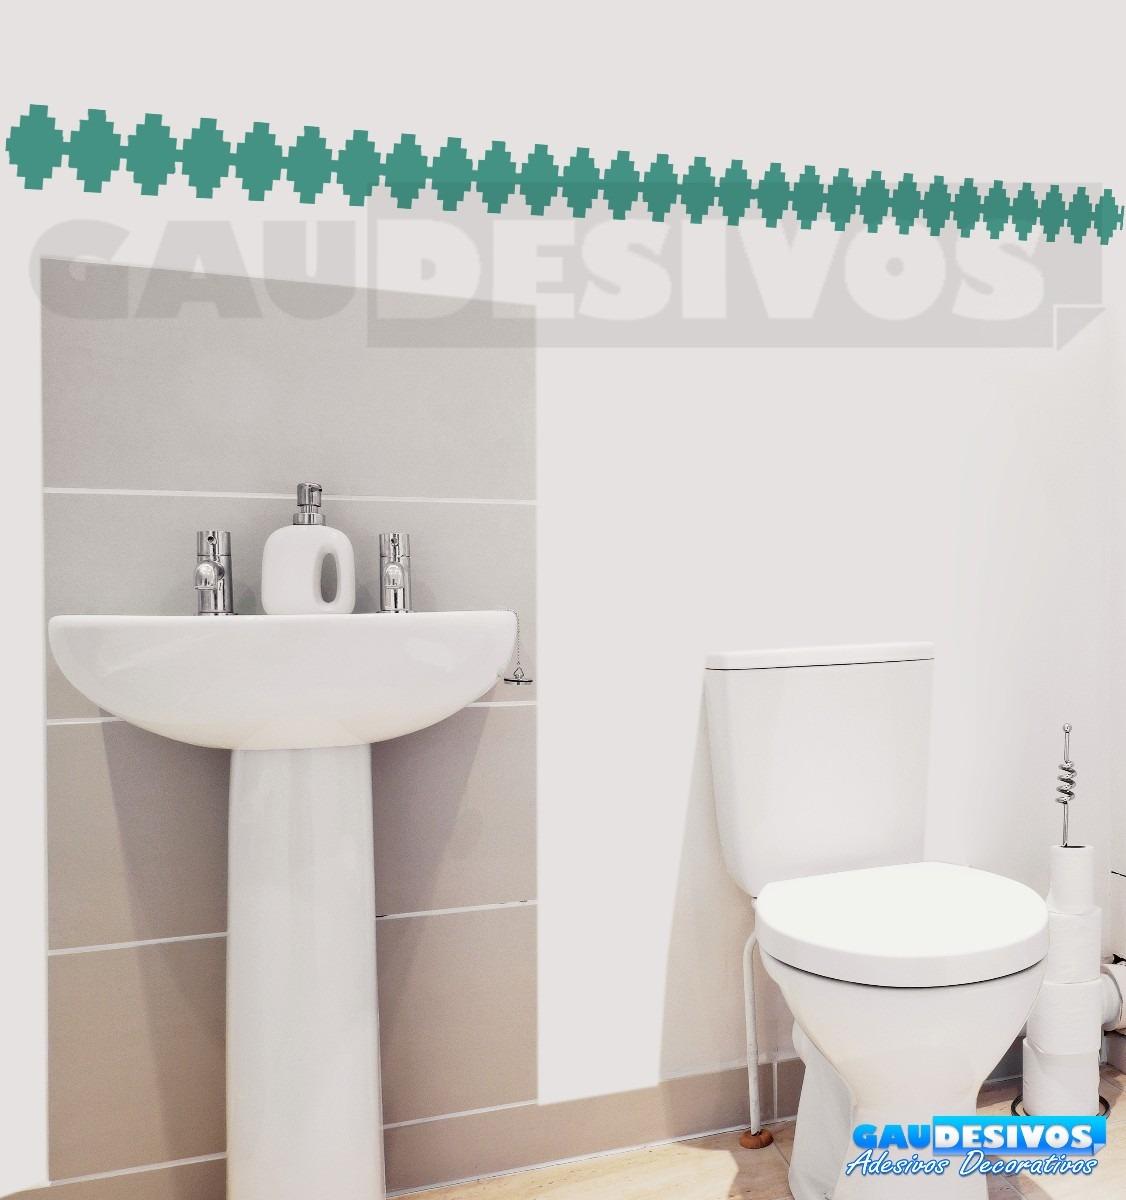 Adesivo De Banheiro Azulejo ~ Adesivo Decorativo De Parede Faixa Border Azulejo Banheiro R$ 9,99 em Mercado Livre